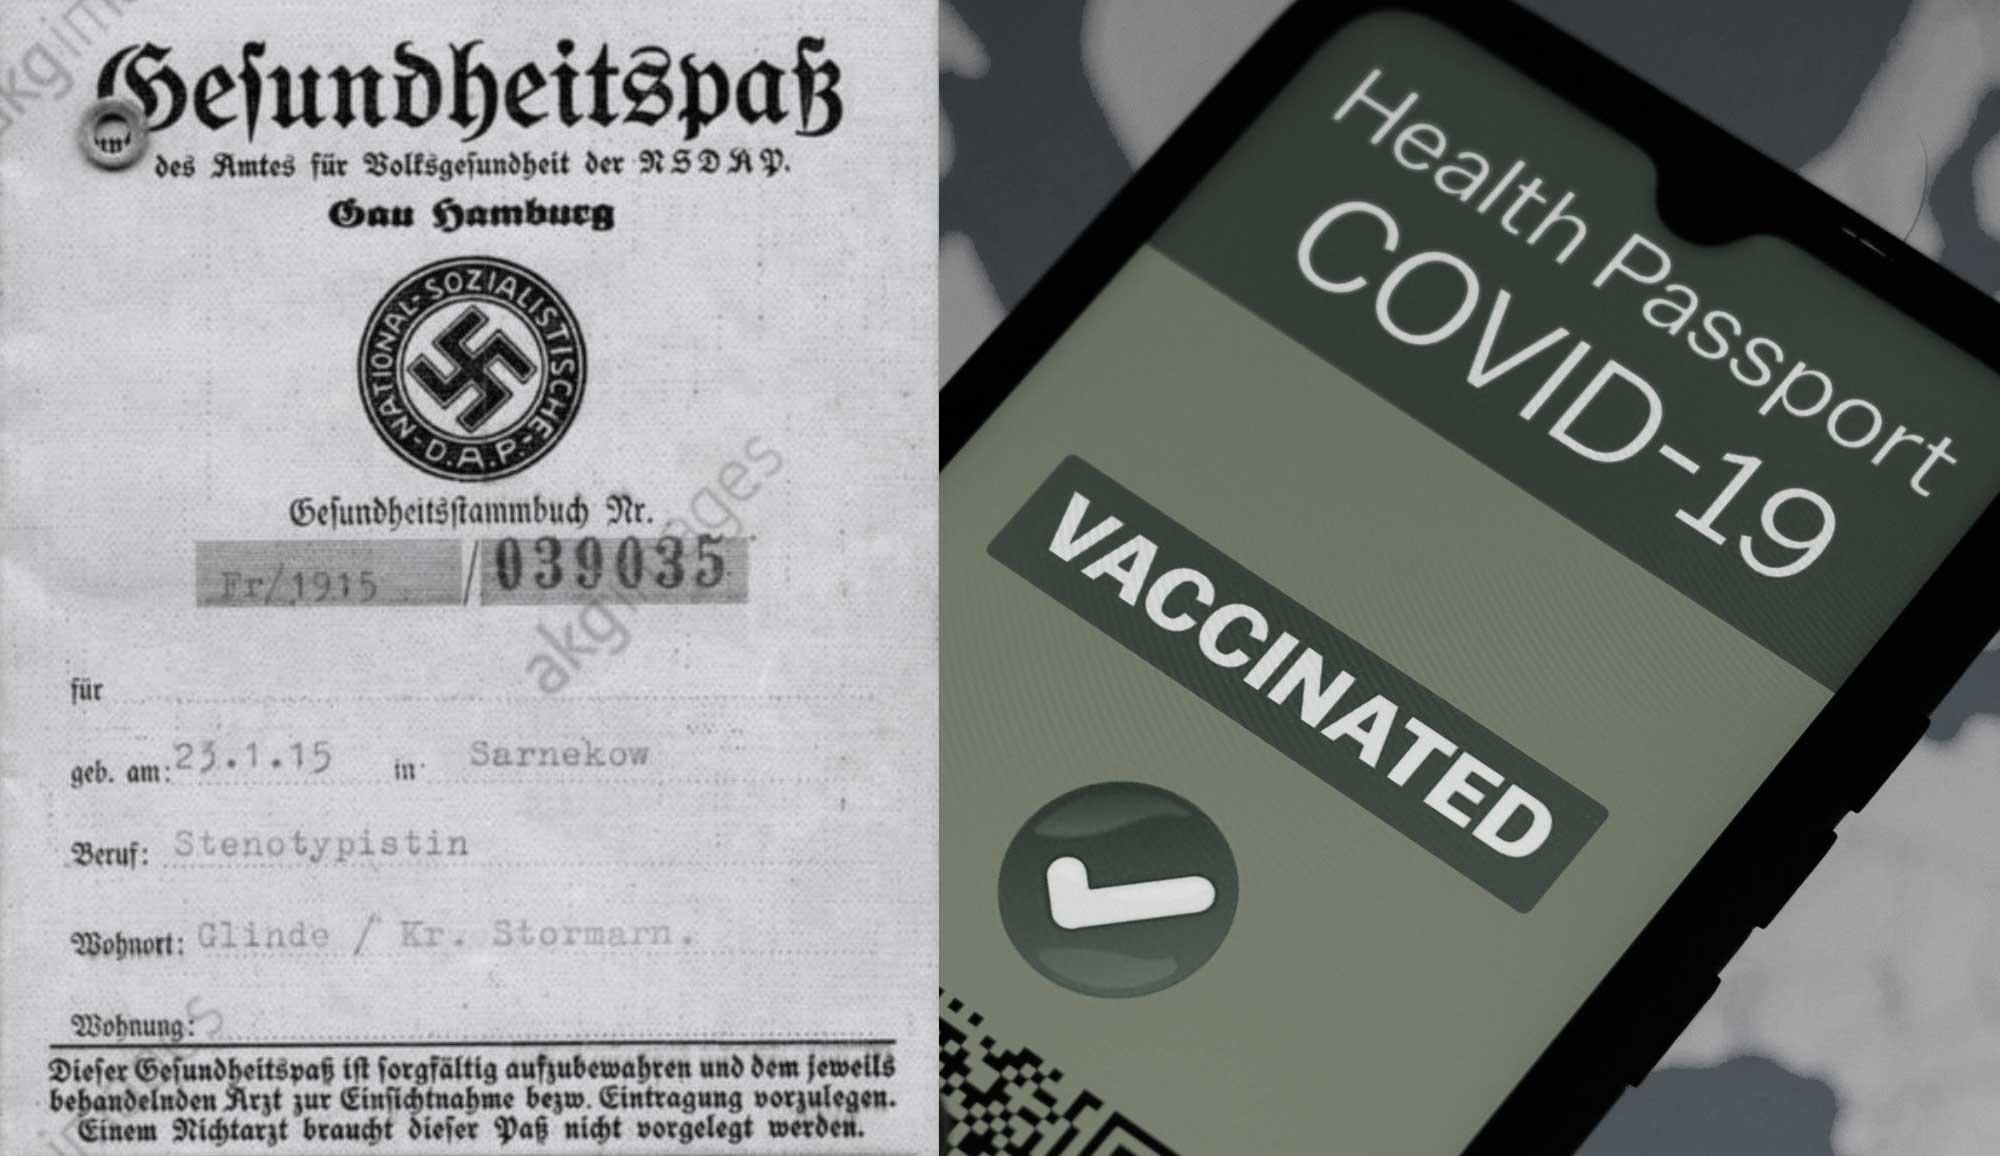 Tarjetas sanitarias y pasaportes biométricos en la Alemania nazi y sus paralelismos con el mundo post-Covid promovido a través de la agenda del Gran Reseteo